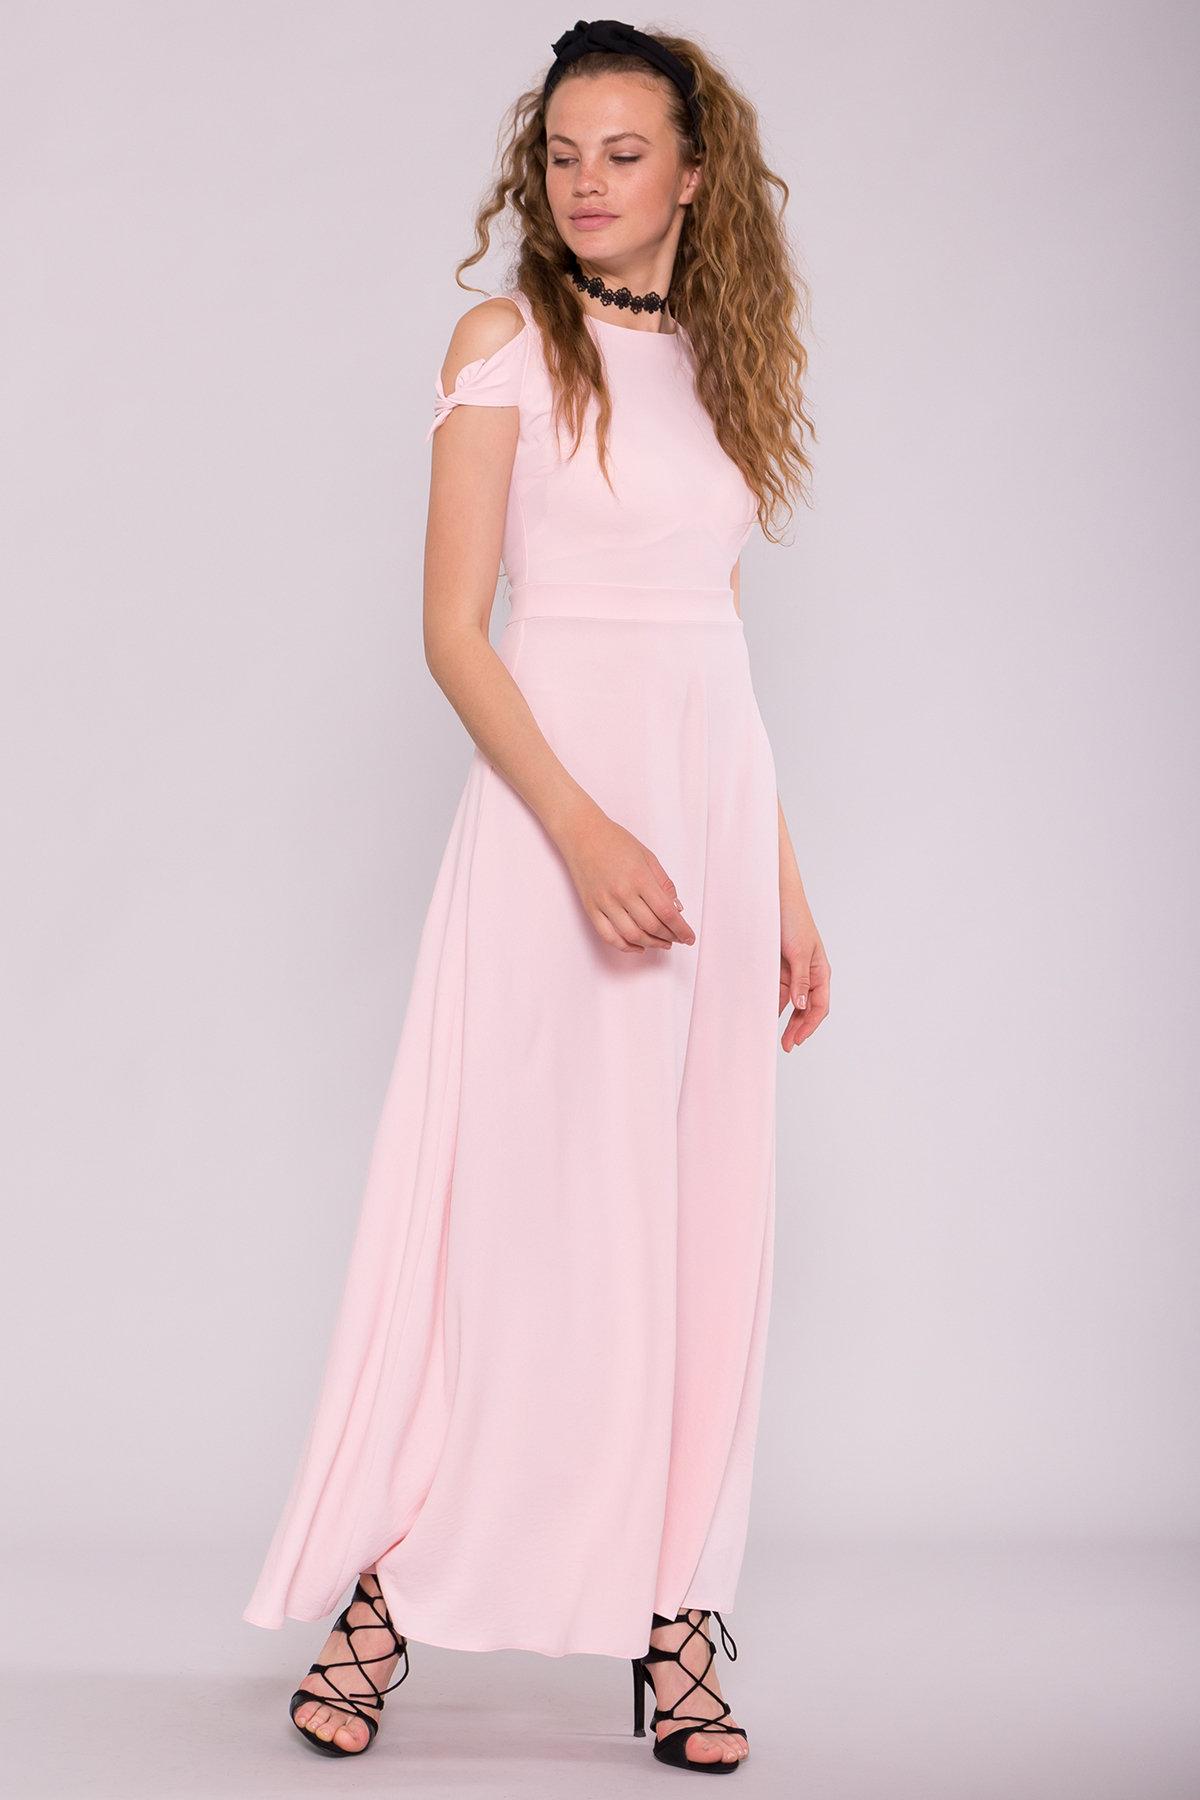 Платье Жане 7181 АРТ. 42597 Цвет: Розовый - фото 2, интернет магазин tm-modus.ru